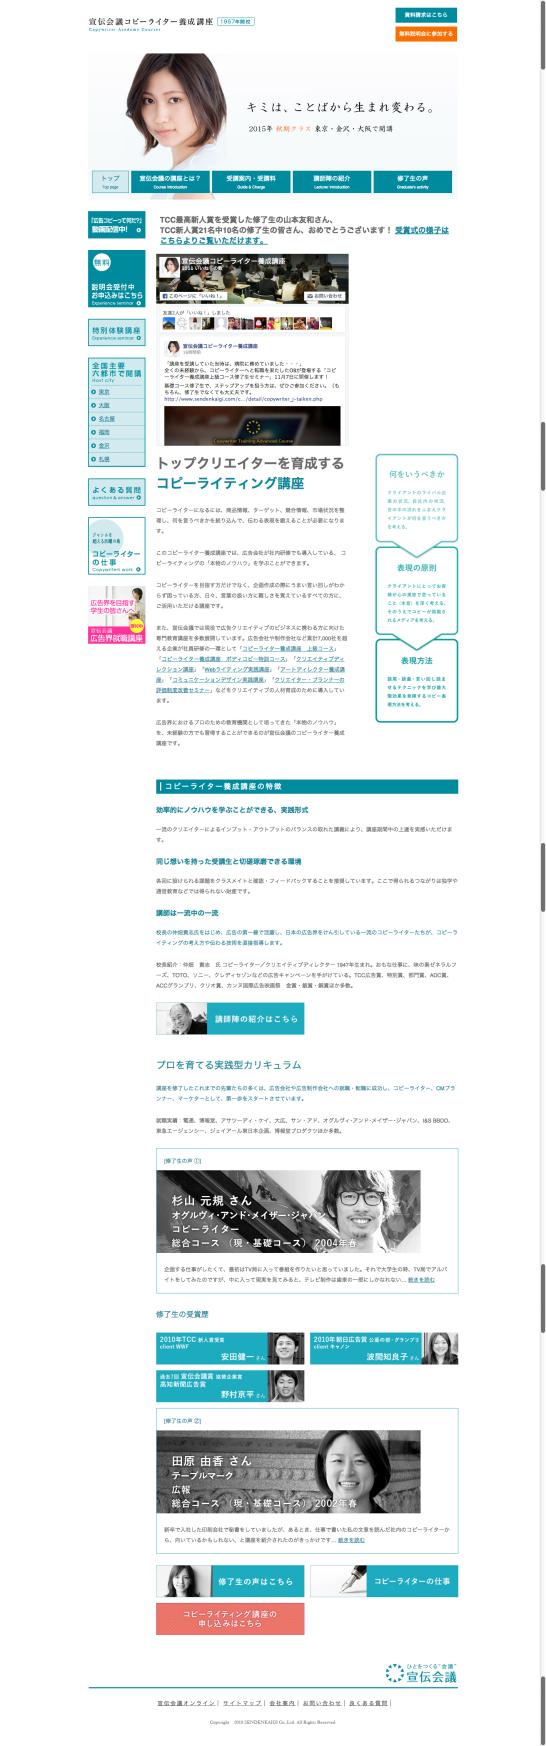 コピーライター養成講座 宣伝会議